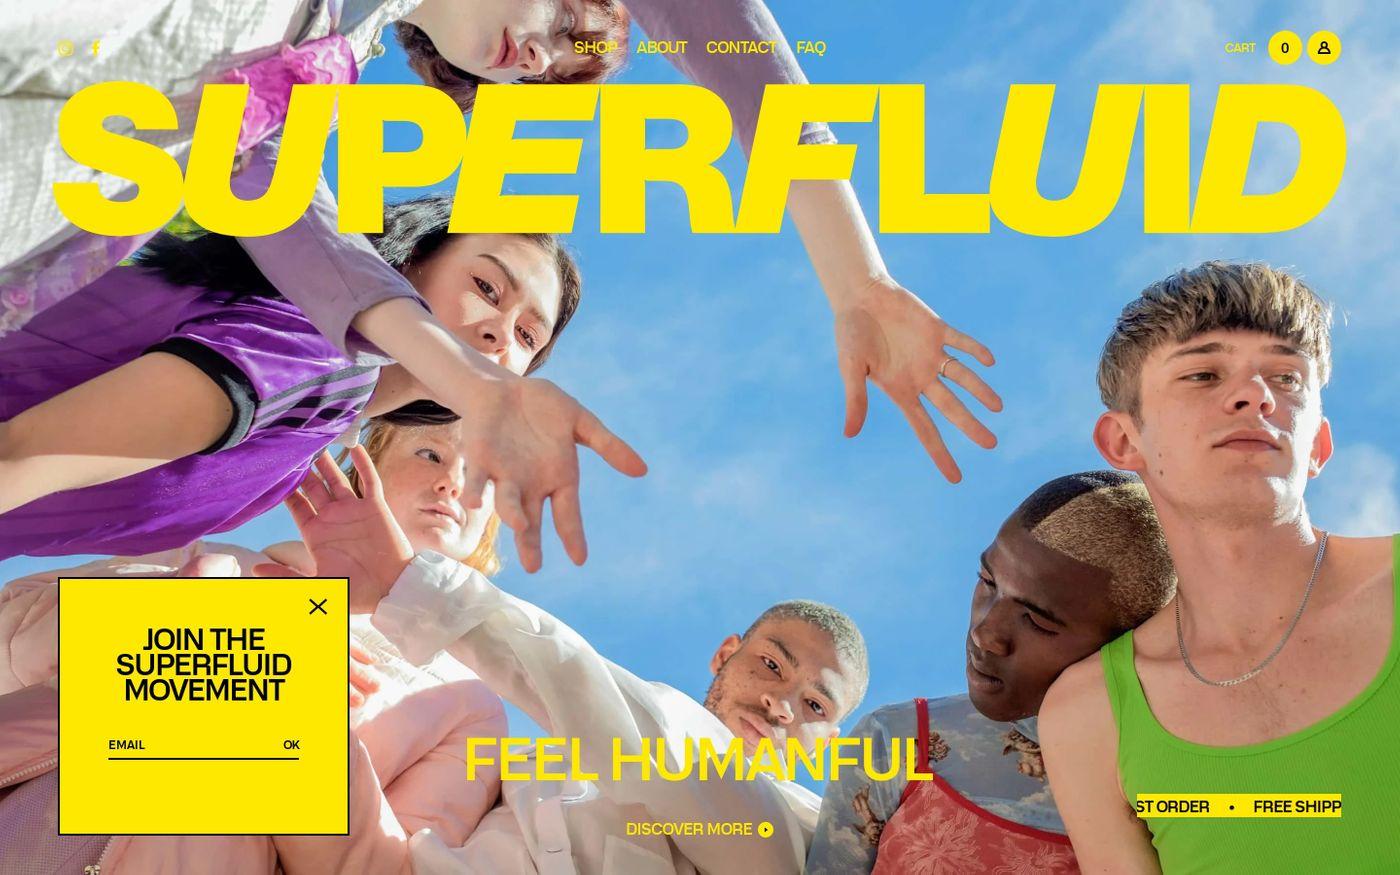 Screenshot of Superfluid website